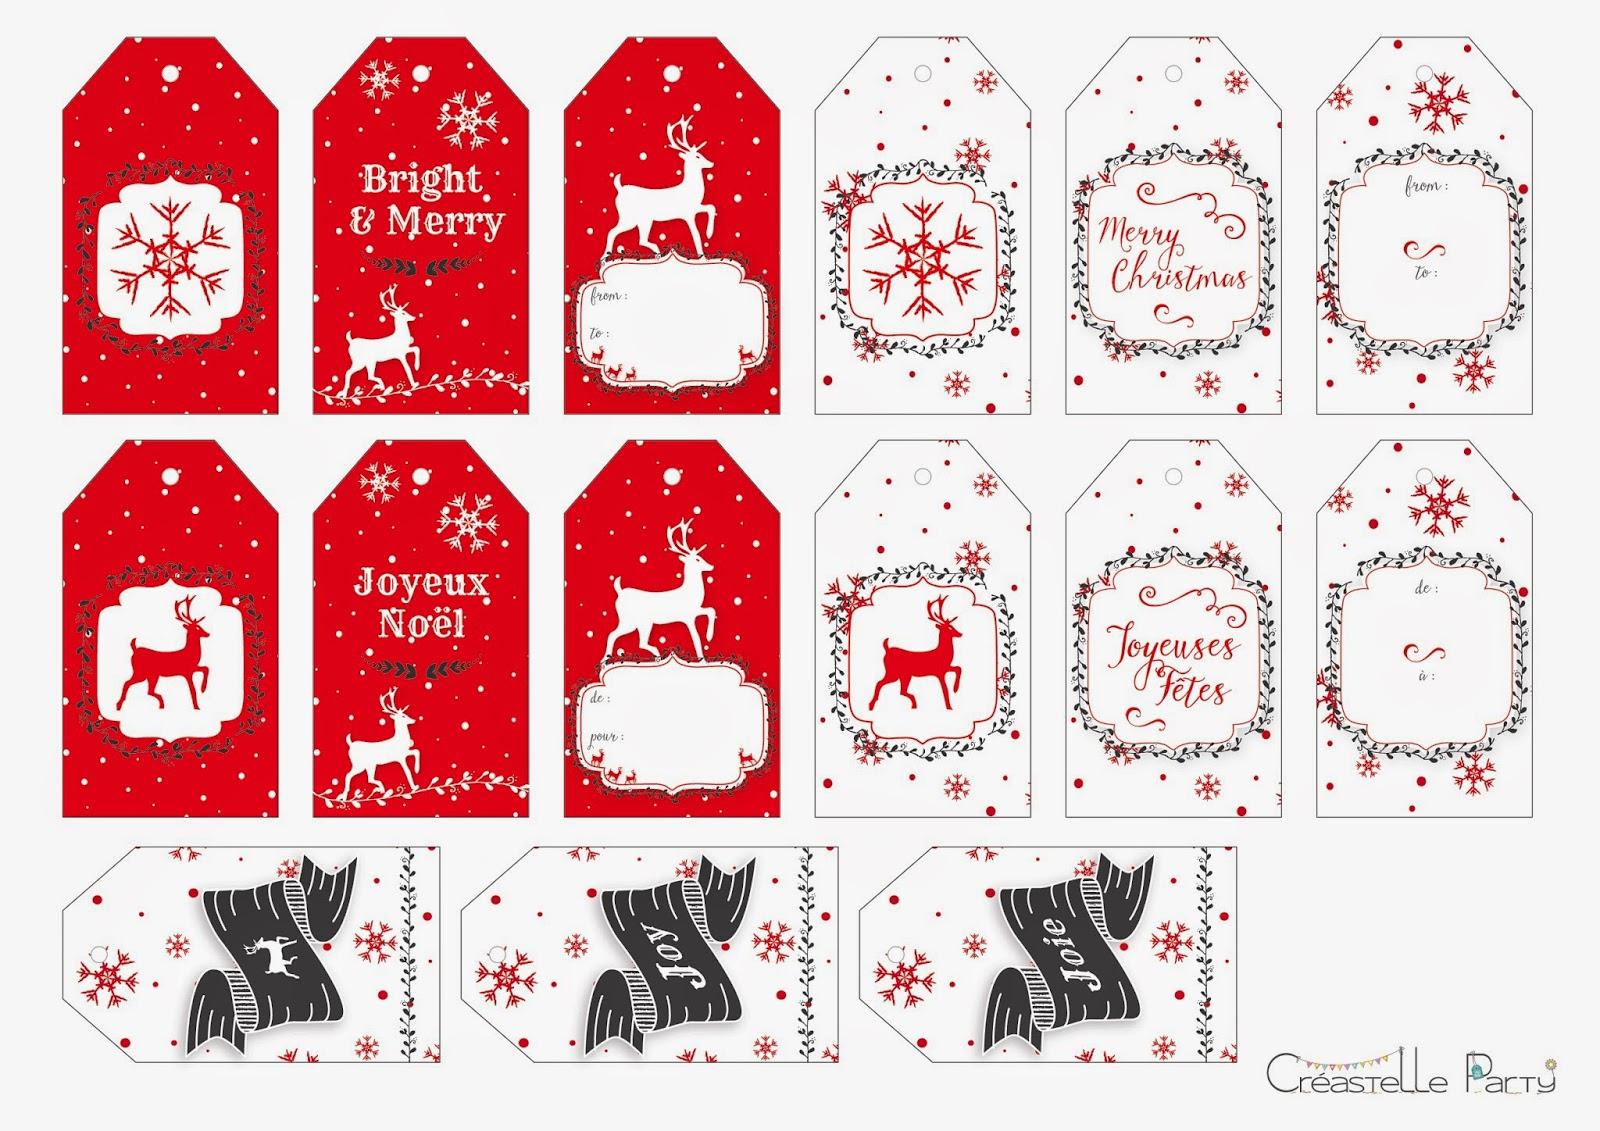 Pdf Gratuits: 300 Printables Spécial Noël - Pdf destiné Etiquette Cadeau Noel A Imprimer Gratuitement